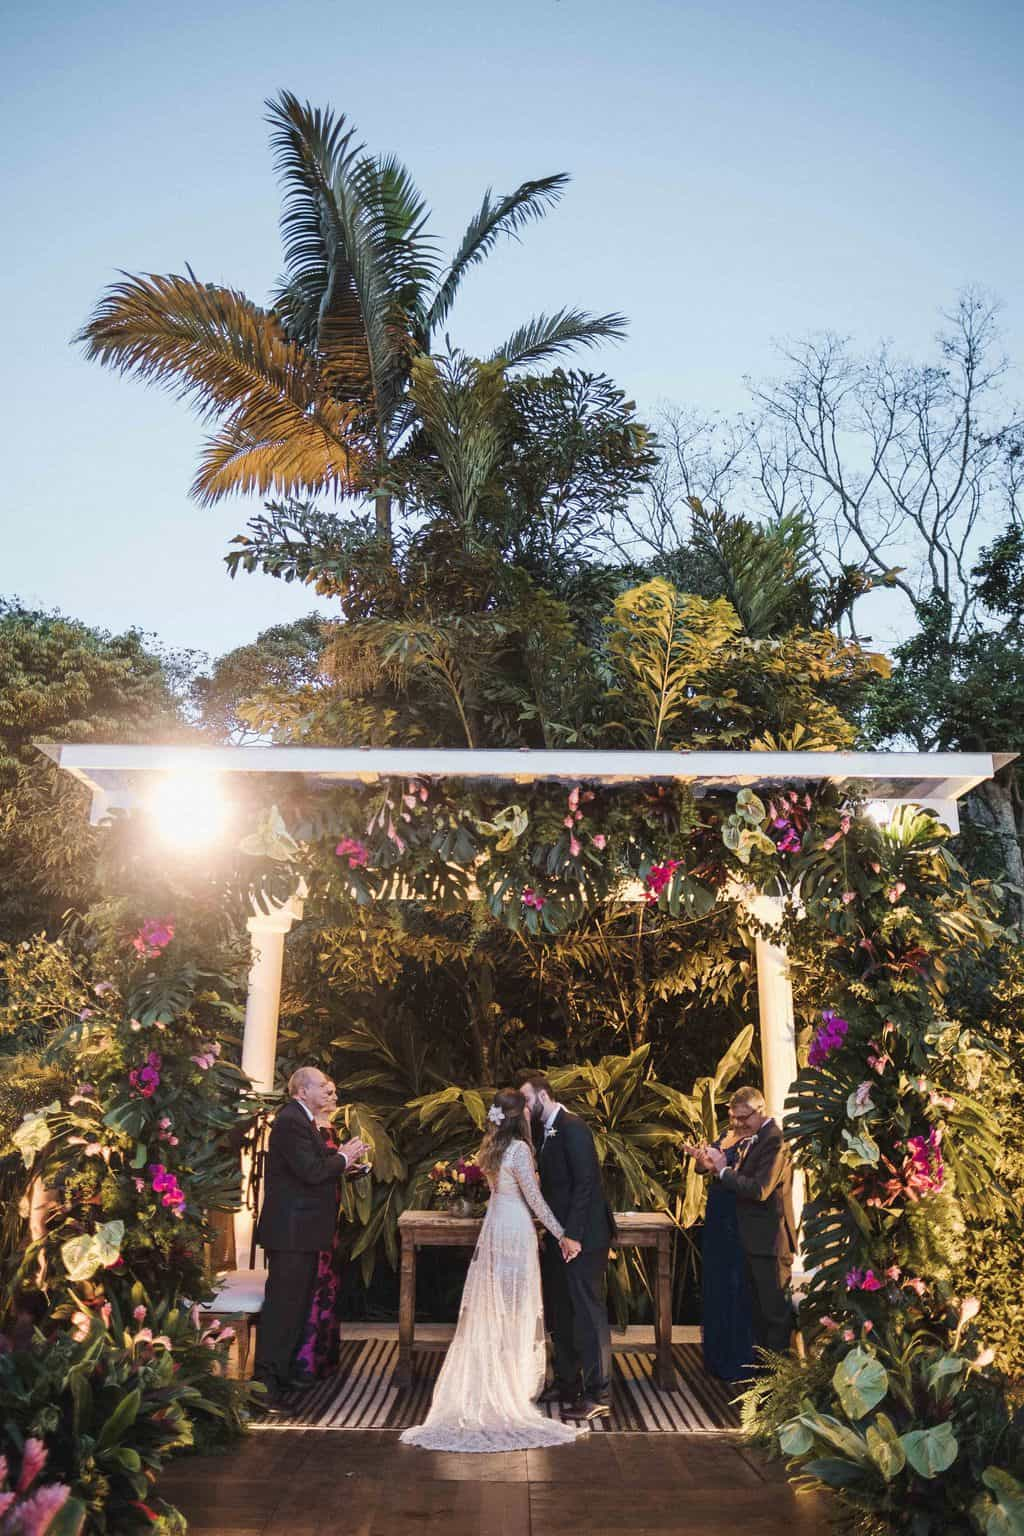 beijo-do-casal-casamento-na-serra-cerimonia-ao-ar-livre-Fotografia-Renata-Xavier-Les-Amies-Cerimonial-Locanda-Della-Mimosa-Natalia-e-Bruno-noivos-no-altar468